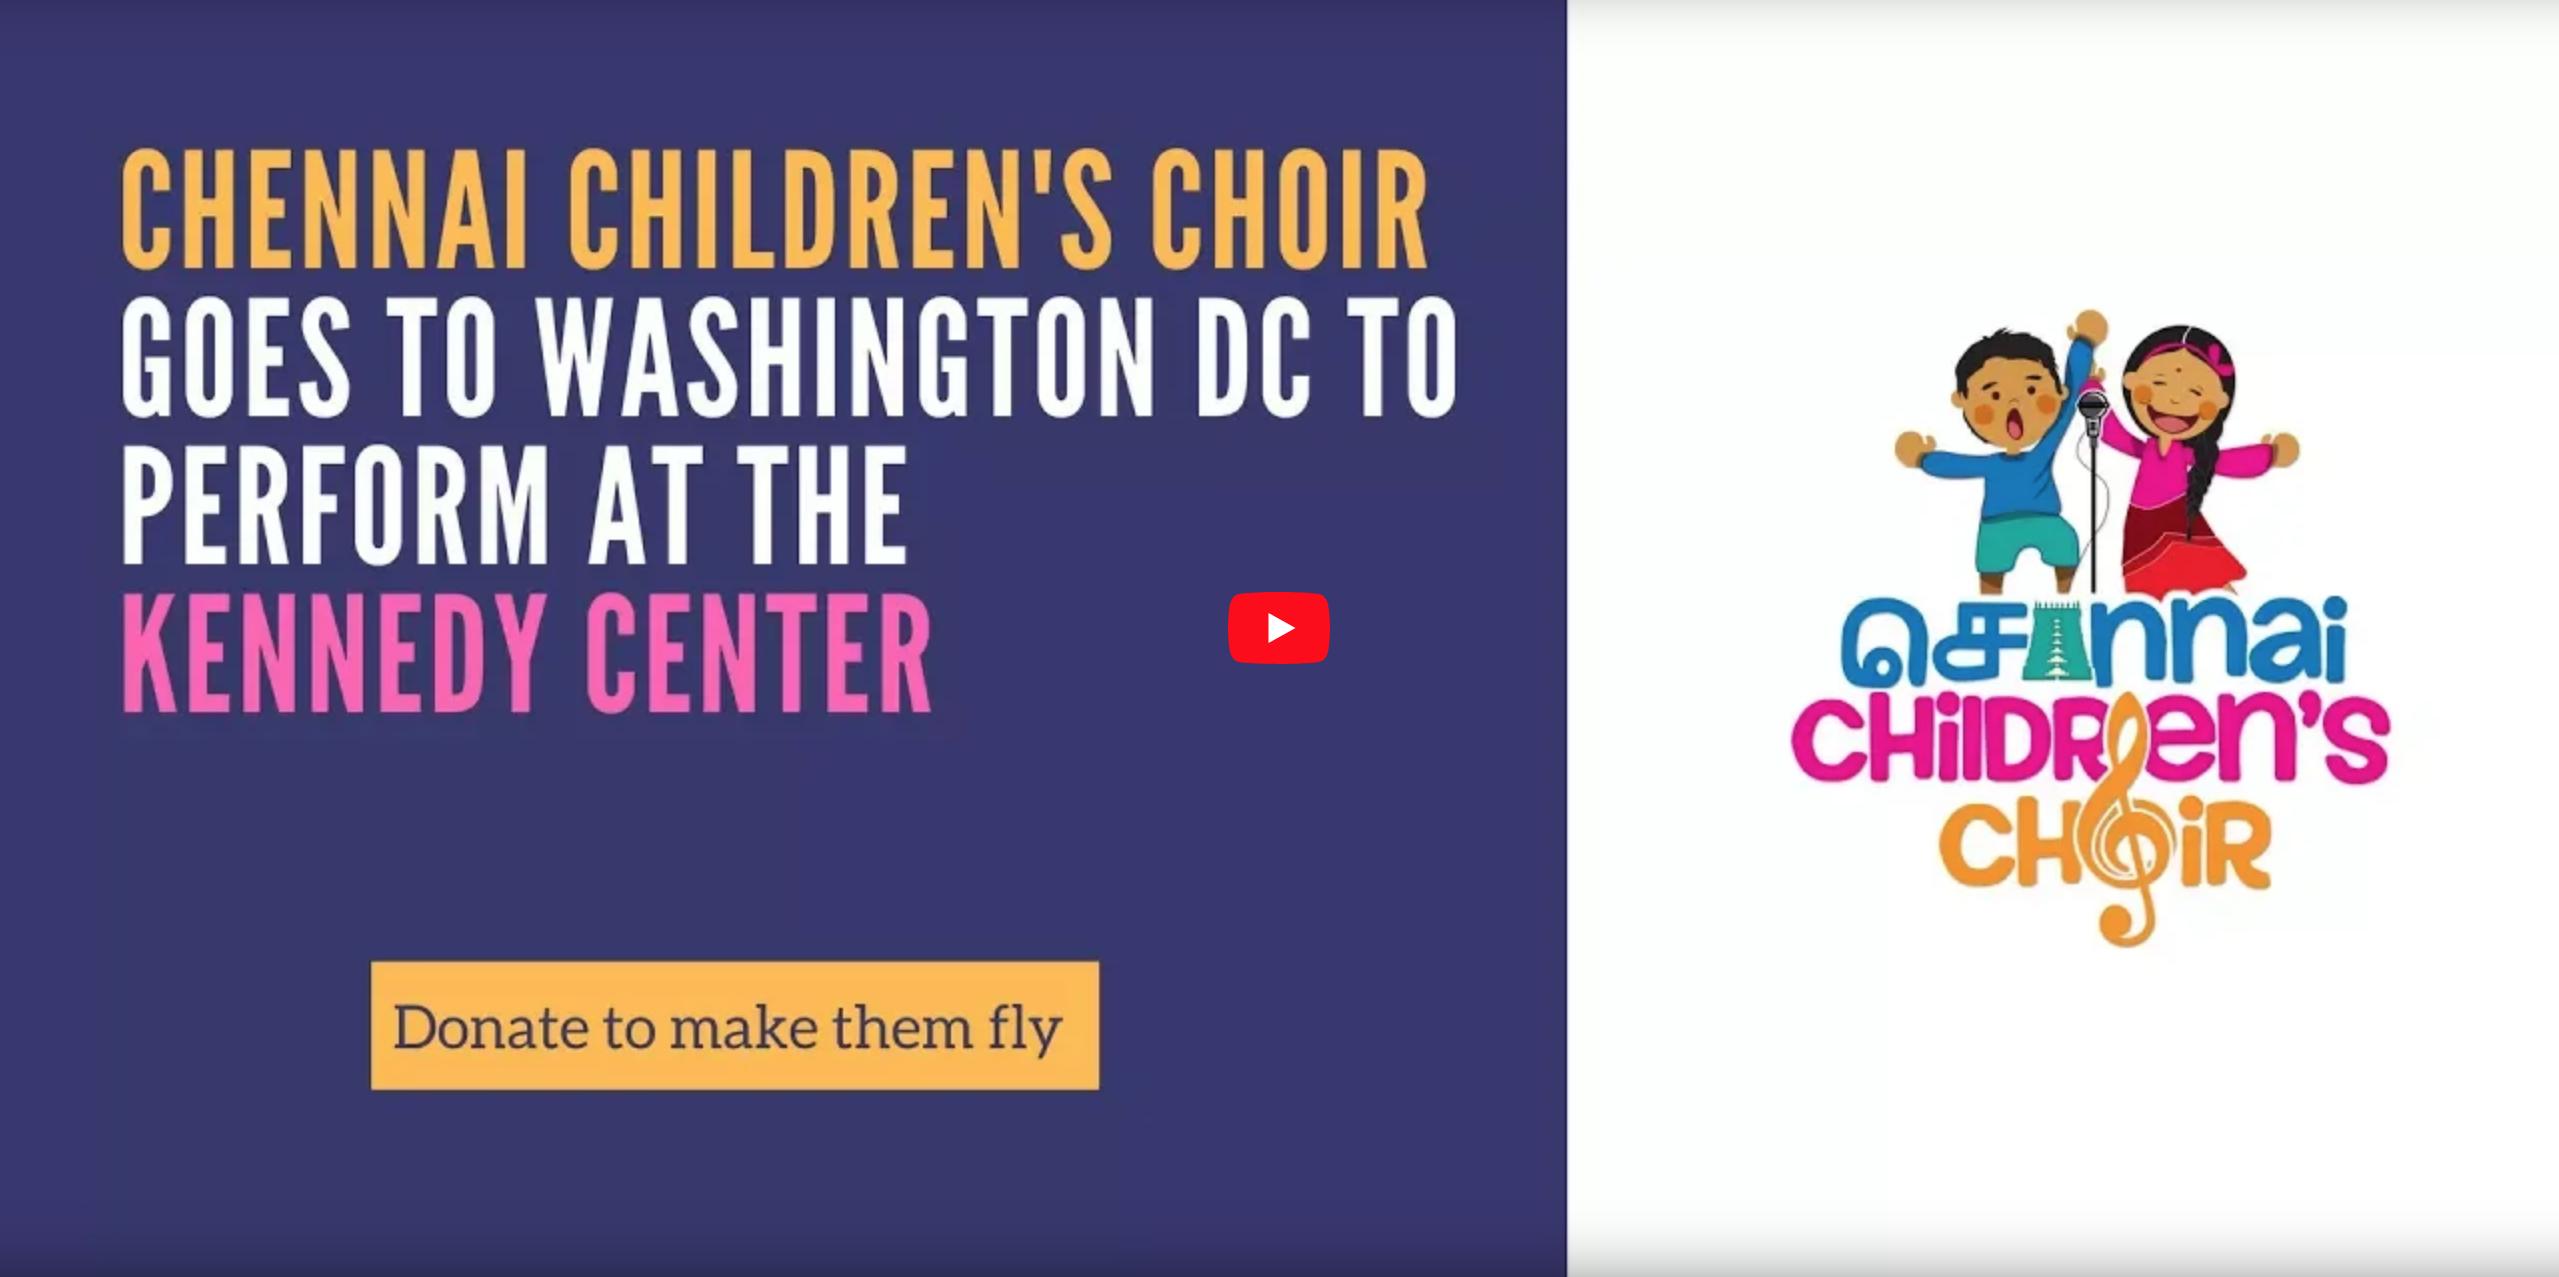 childrens-choir-chennai